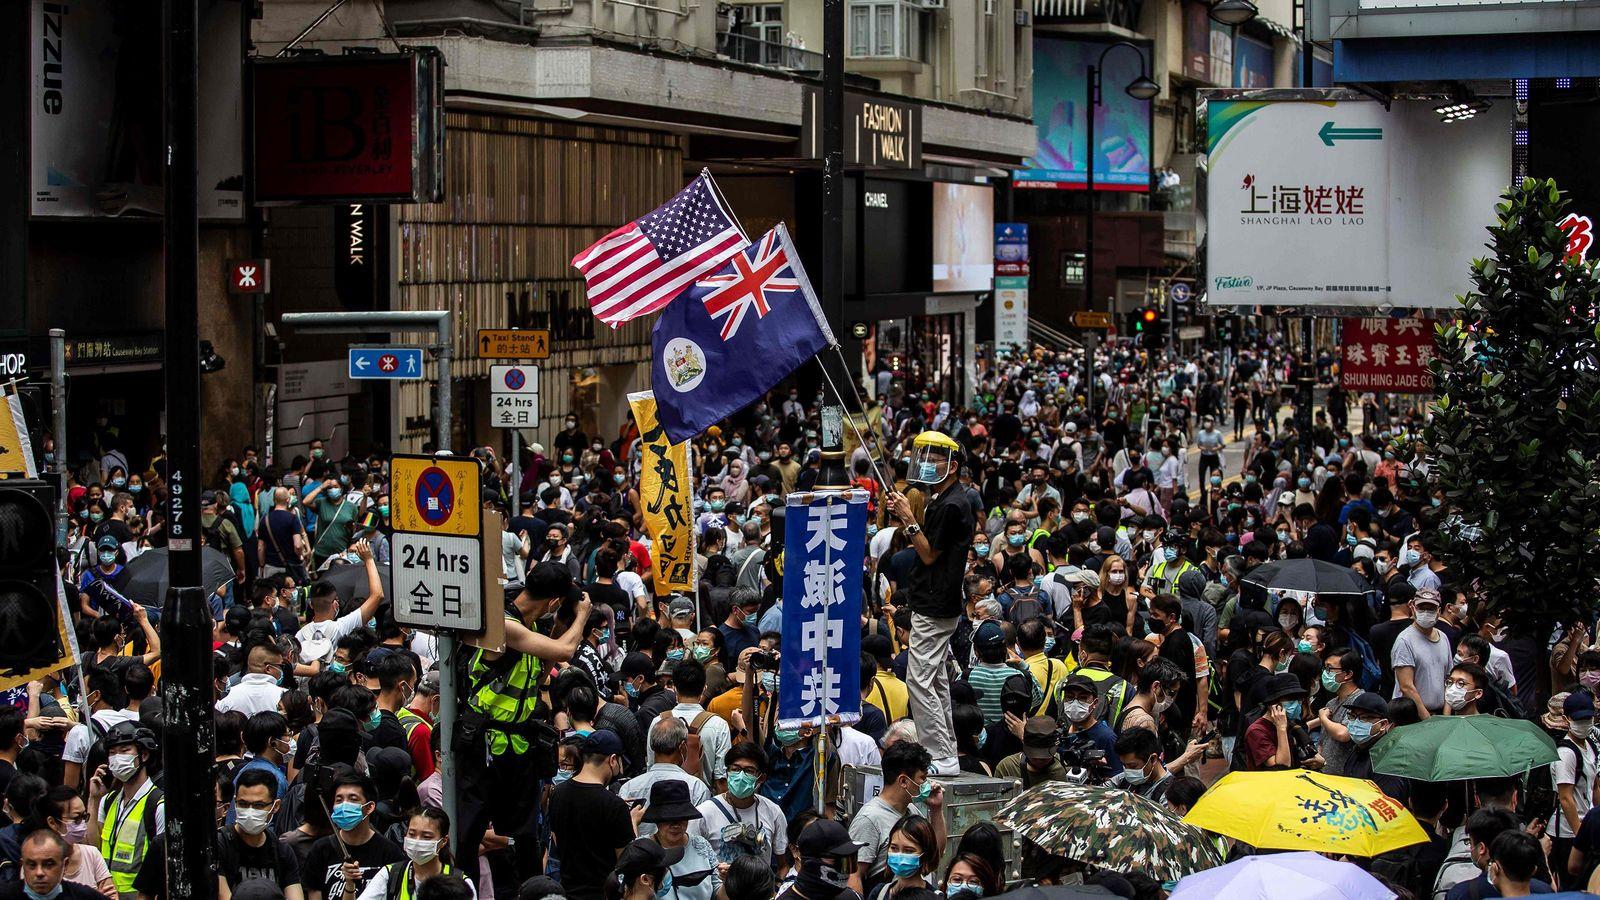 とうとうアメリカも介入した「中国VS香港」で問われるイギリスの本気度 「英国市民権を付与」は本当なのか